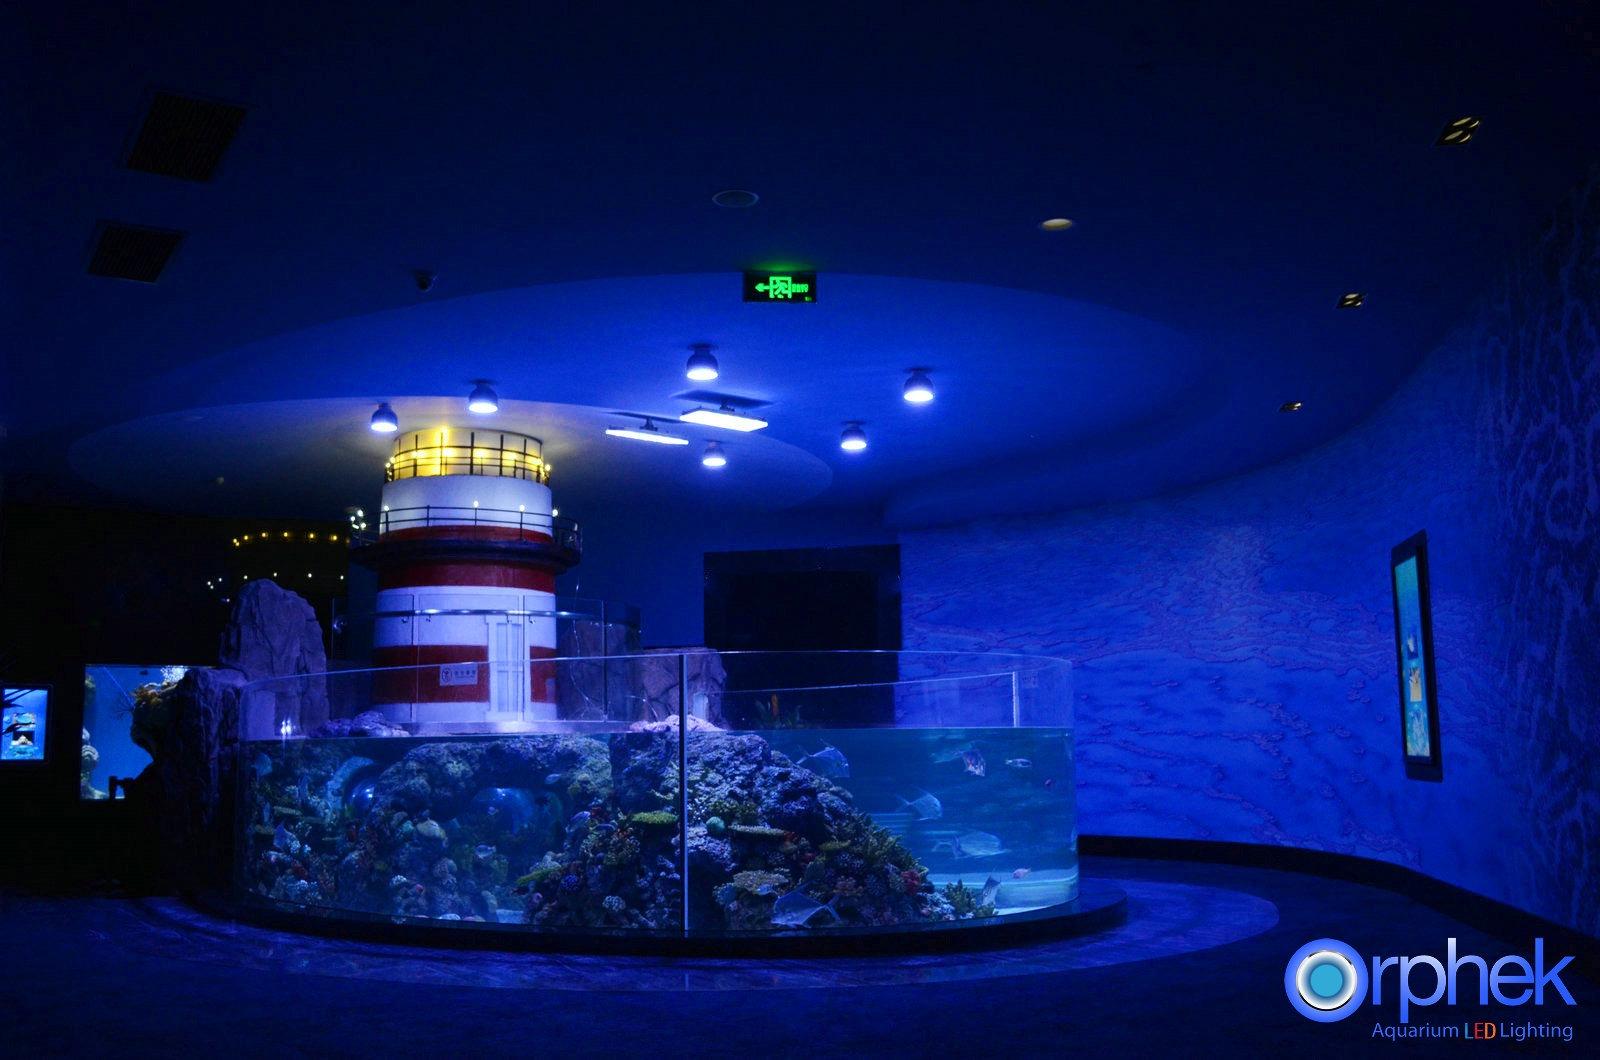 Chengdu public aquarium projet clairage led orphek - Eclairage led aquarium ...